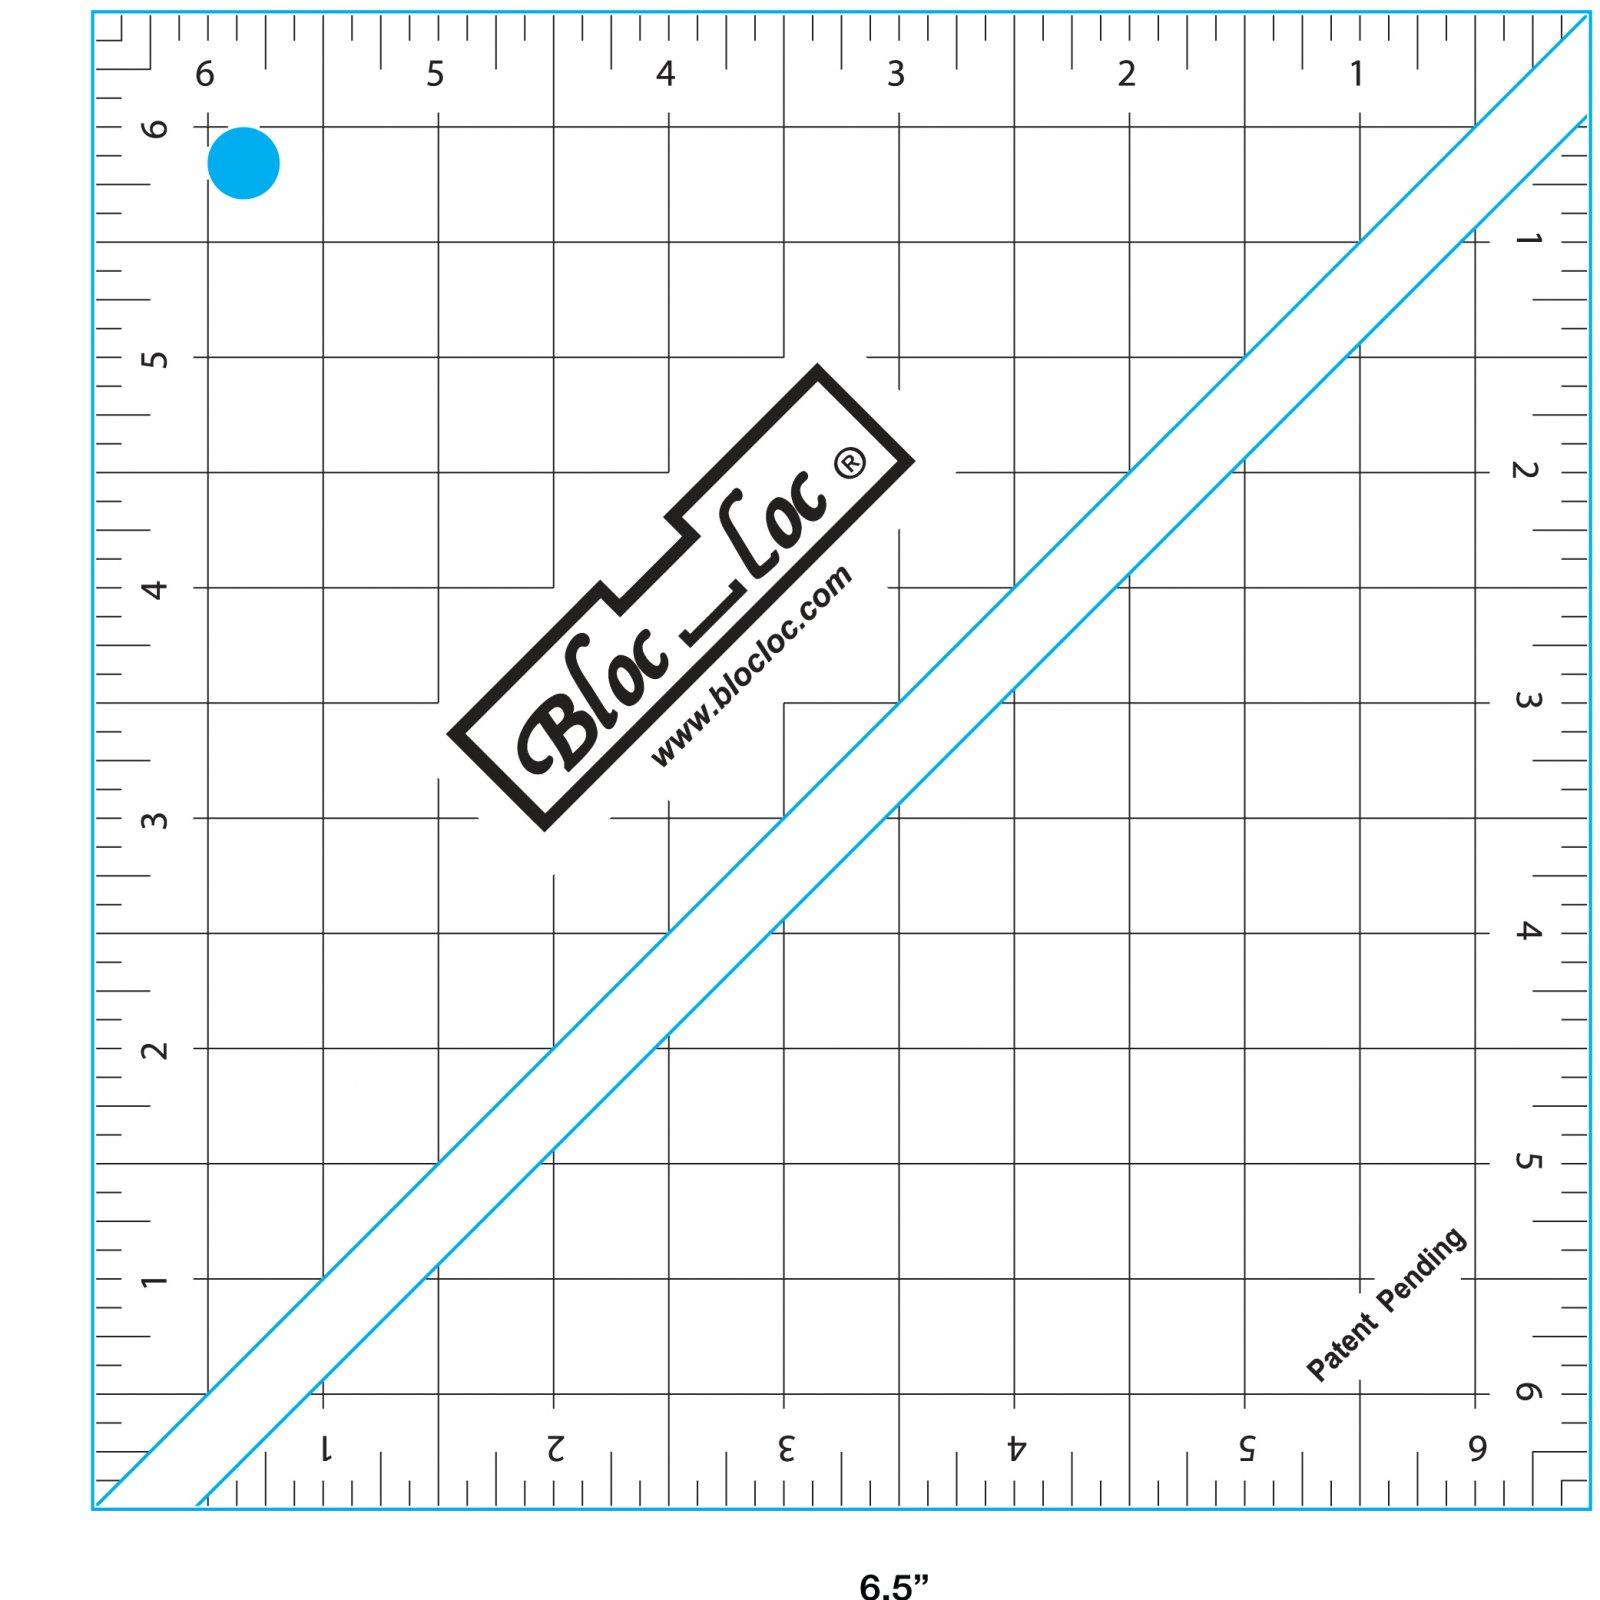 Ruler: Bloc Loc - 6.5 Half Square Triangle